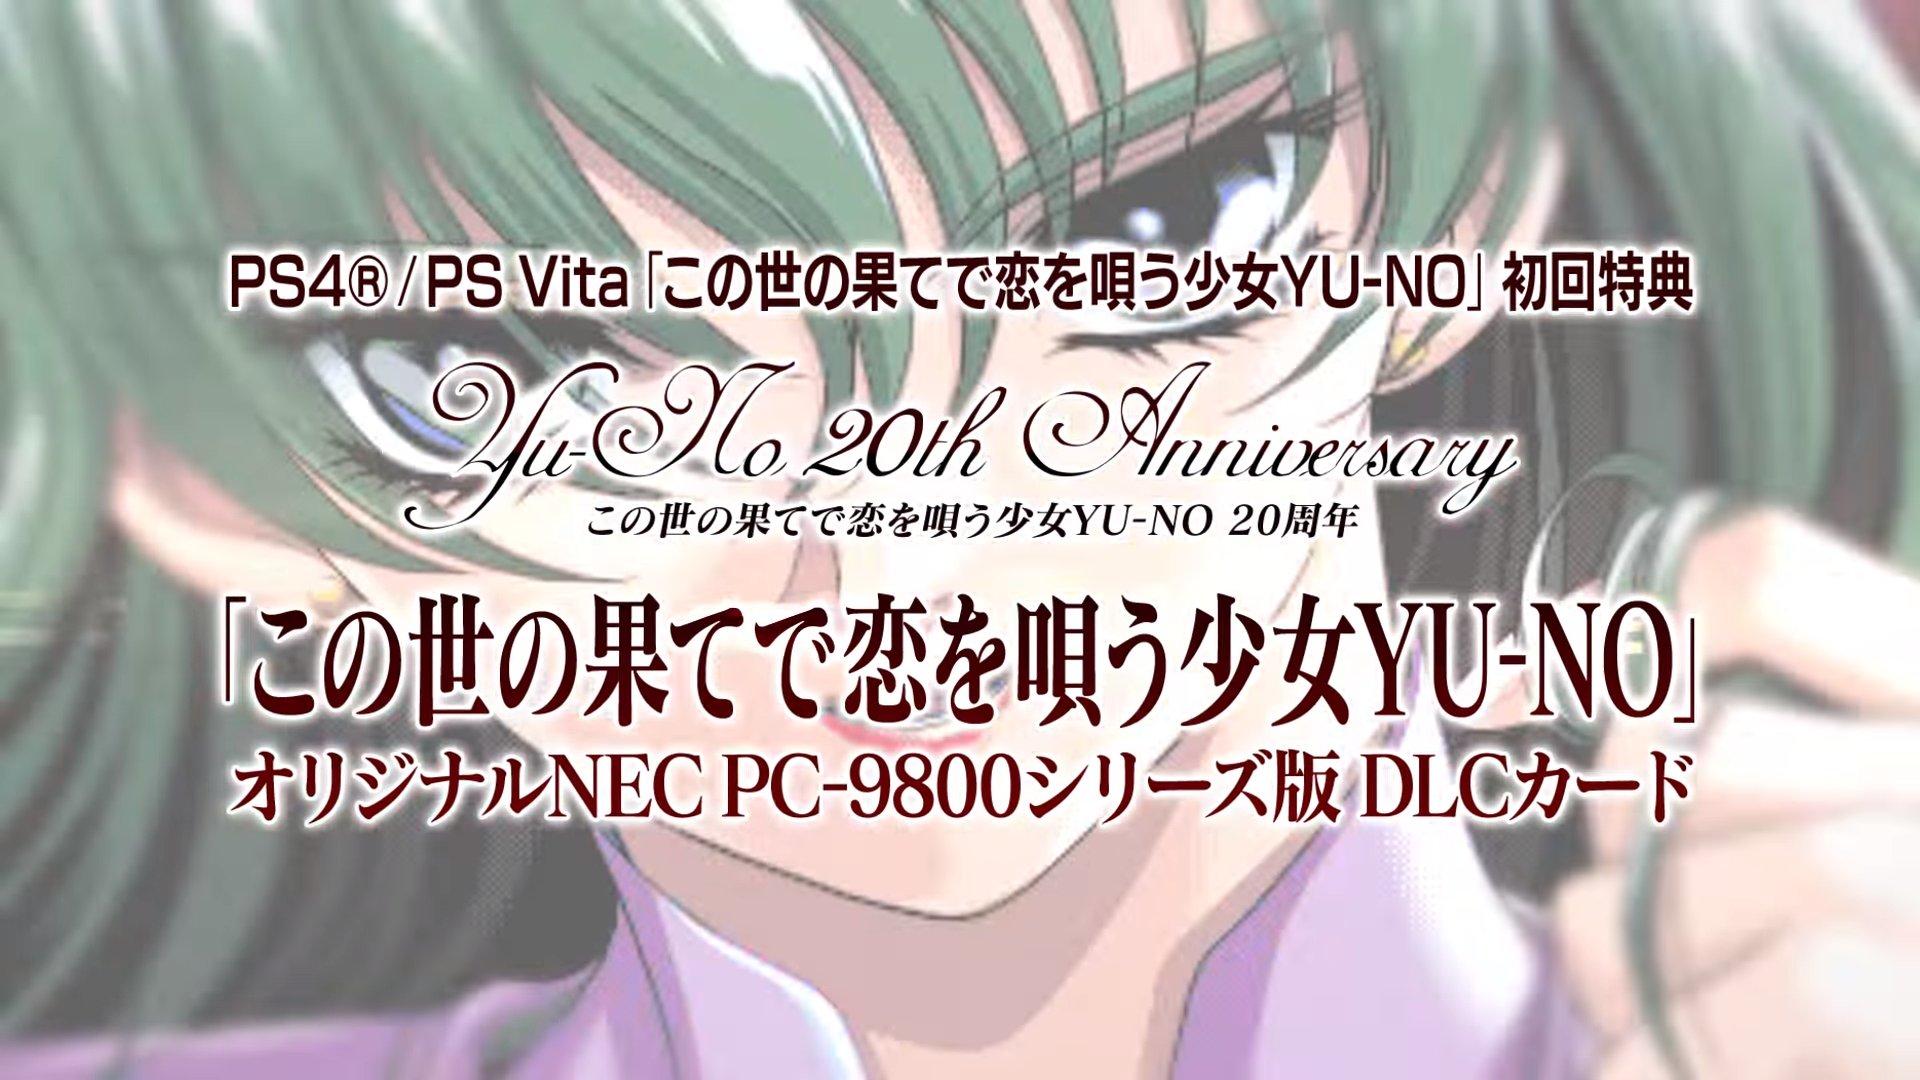 yu-no_160722